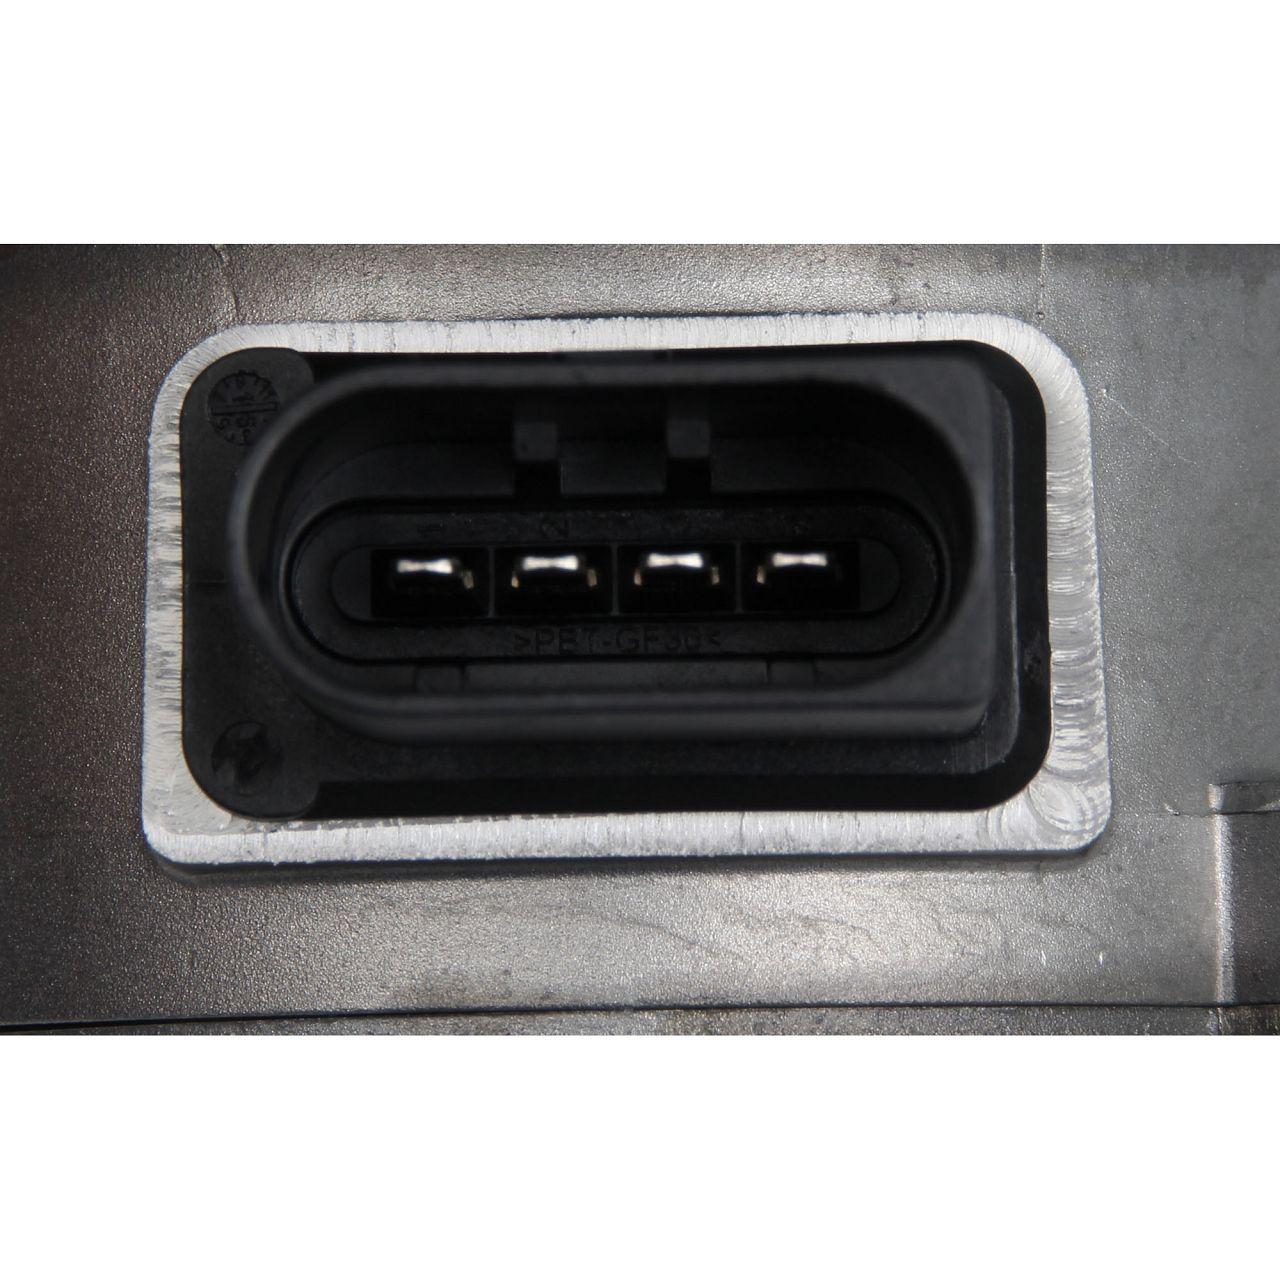 PIERBURG Wasserpumpe Kühlwasserpumpe für BMW 1er 3er 5er 6er 7er 7.02851.20.0